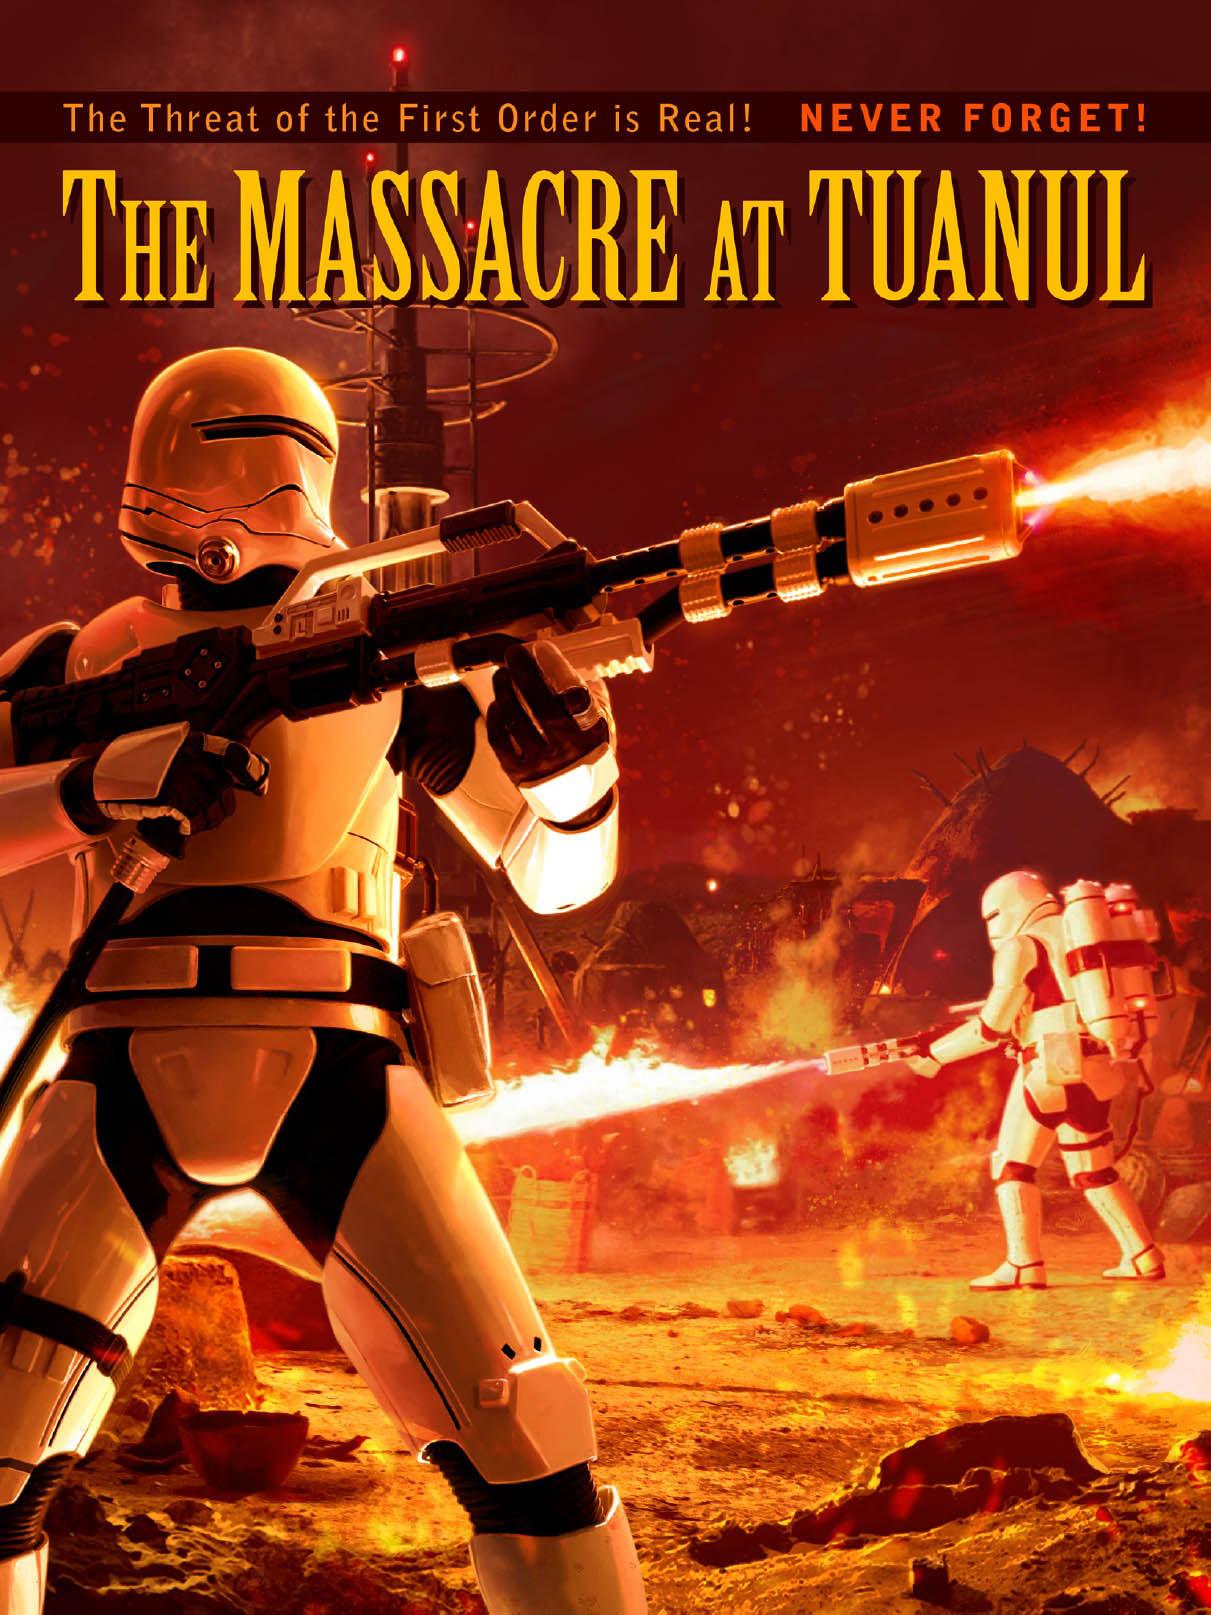 トゥアナルの虐殺